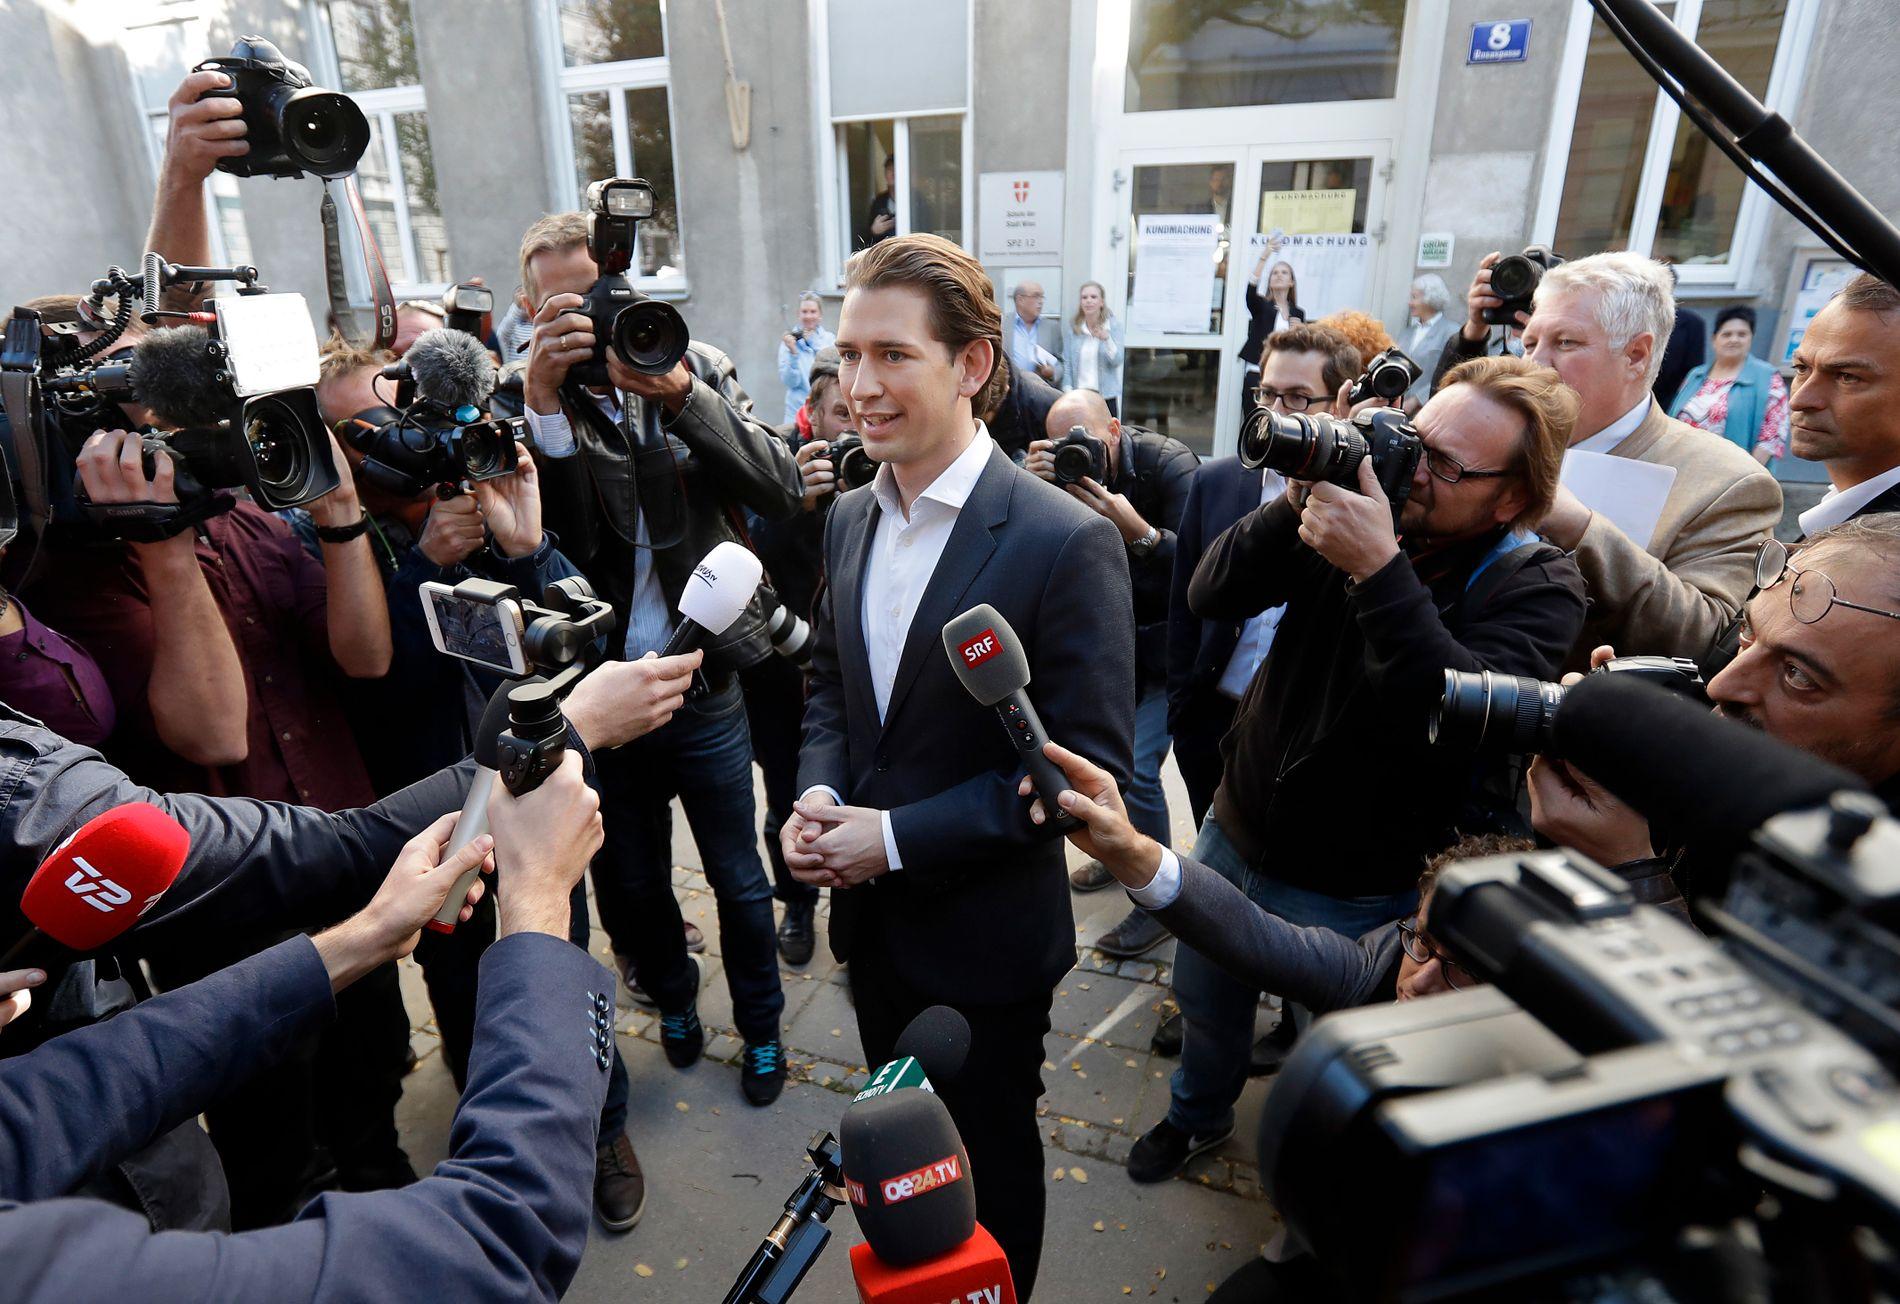 VALGVINNER: Sebastian Kurz (31) og det konservative partiet ÖVP vant søndagens valg i Østerrike.